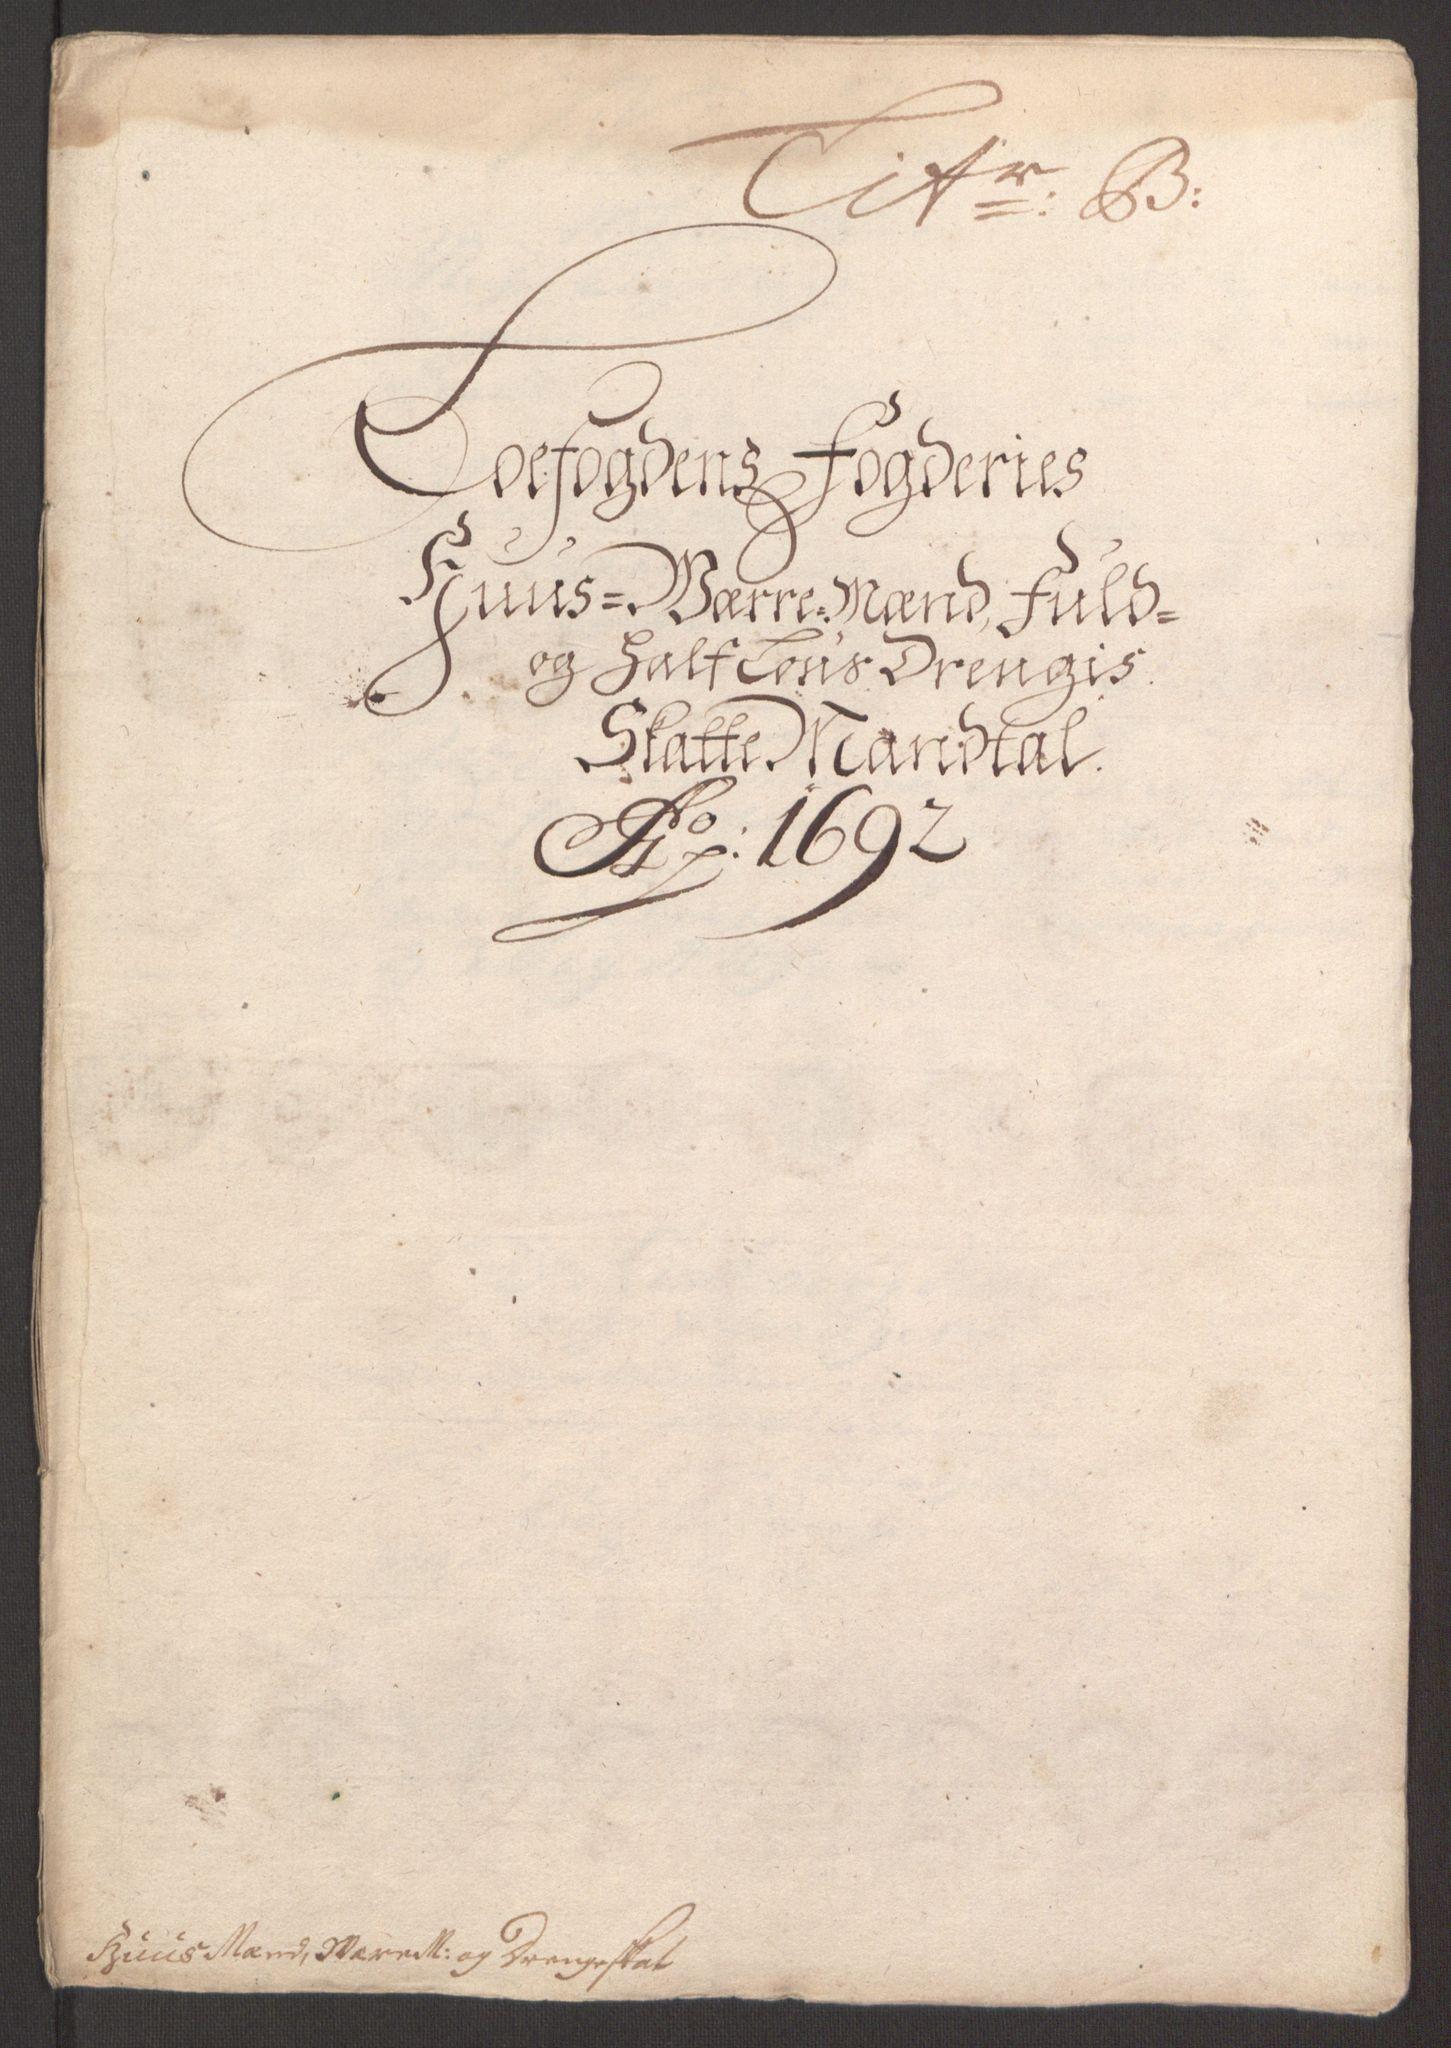 RA, Rentekammeret inntil 1814, Reviderte regnskaper, Fogderegnskap, R67/L4675: Fogderegnskap Vesterålen, Andenes og Lofoten, 1691-1693, s. 134